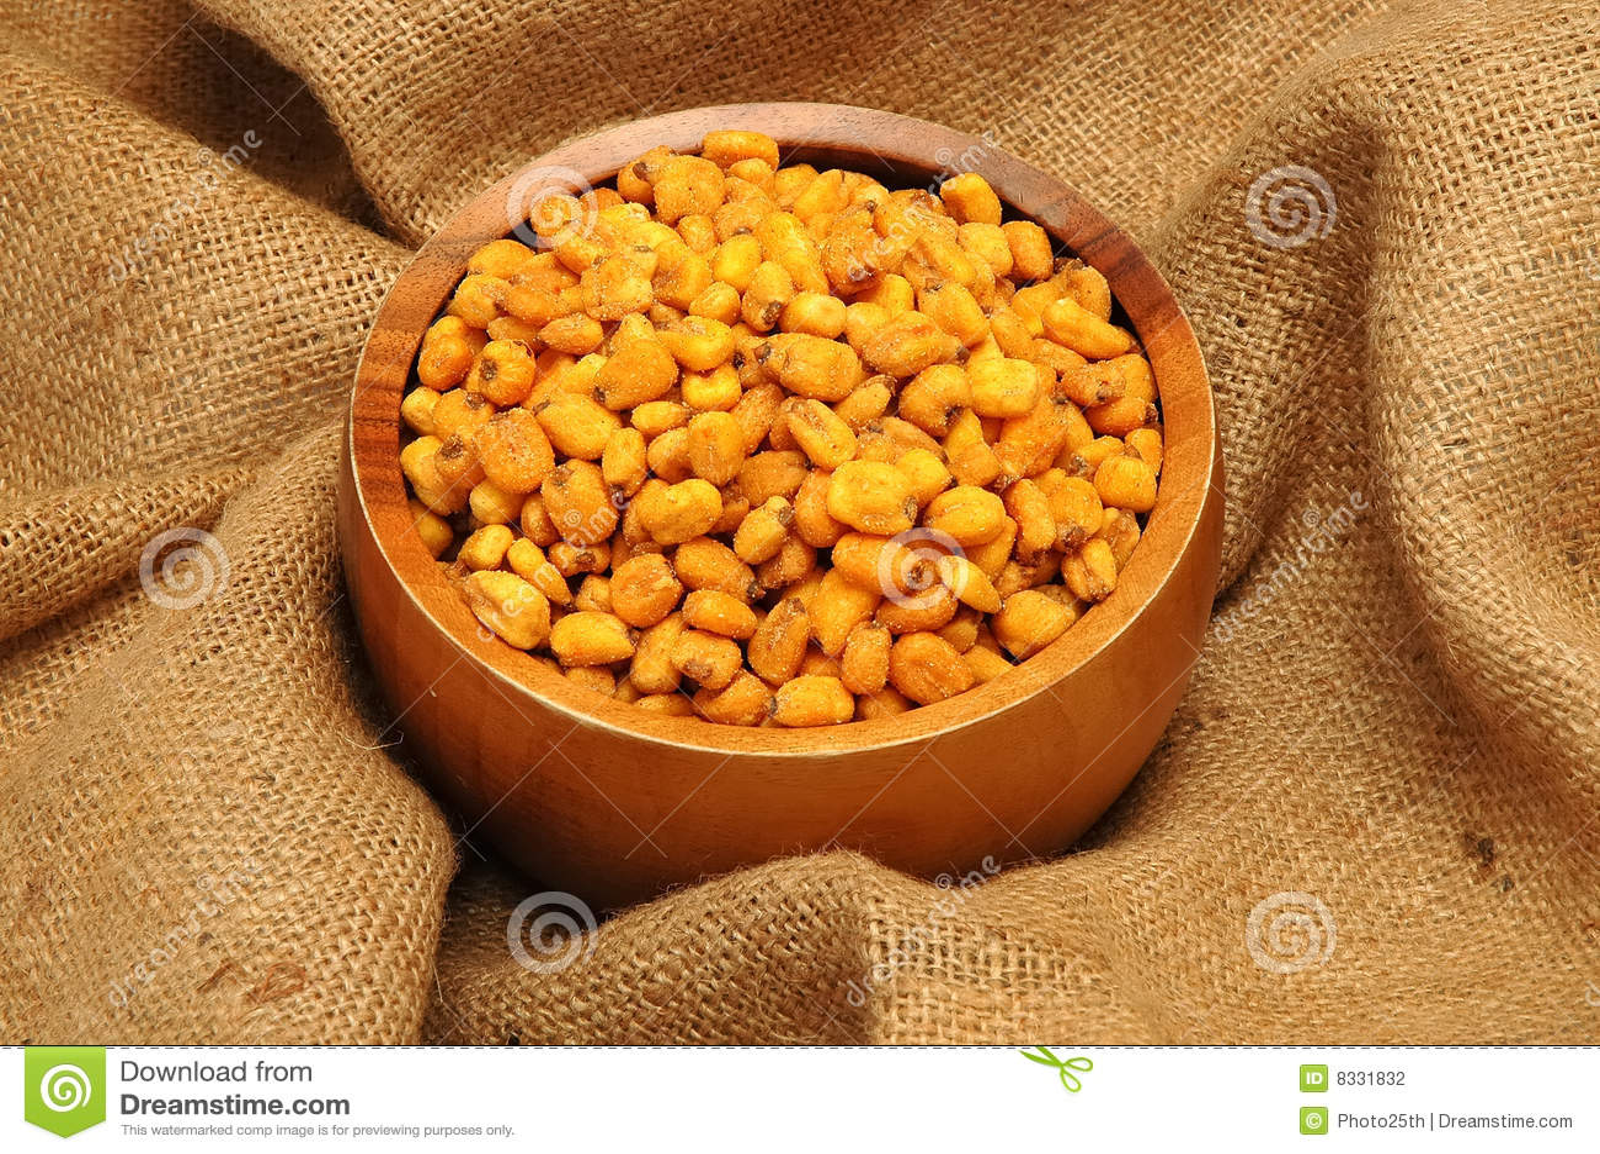 define fruitful is corn a fruit